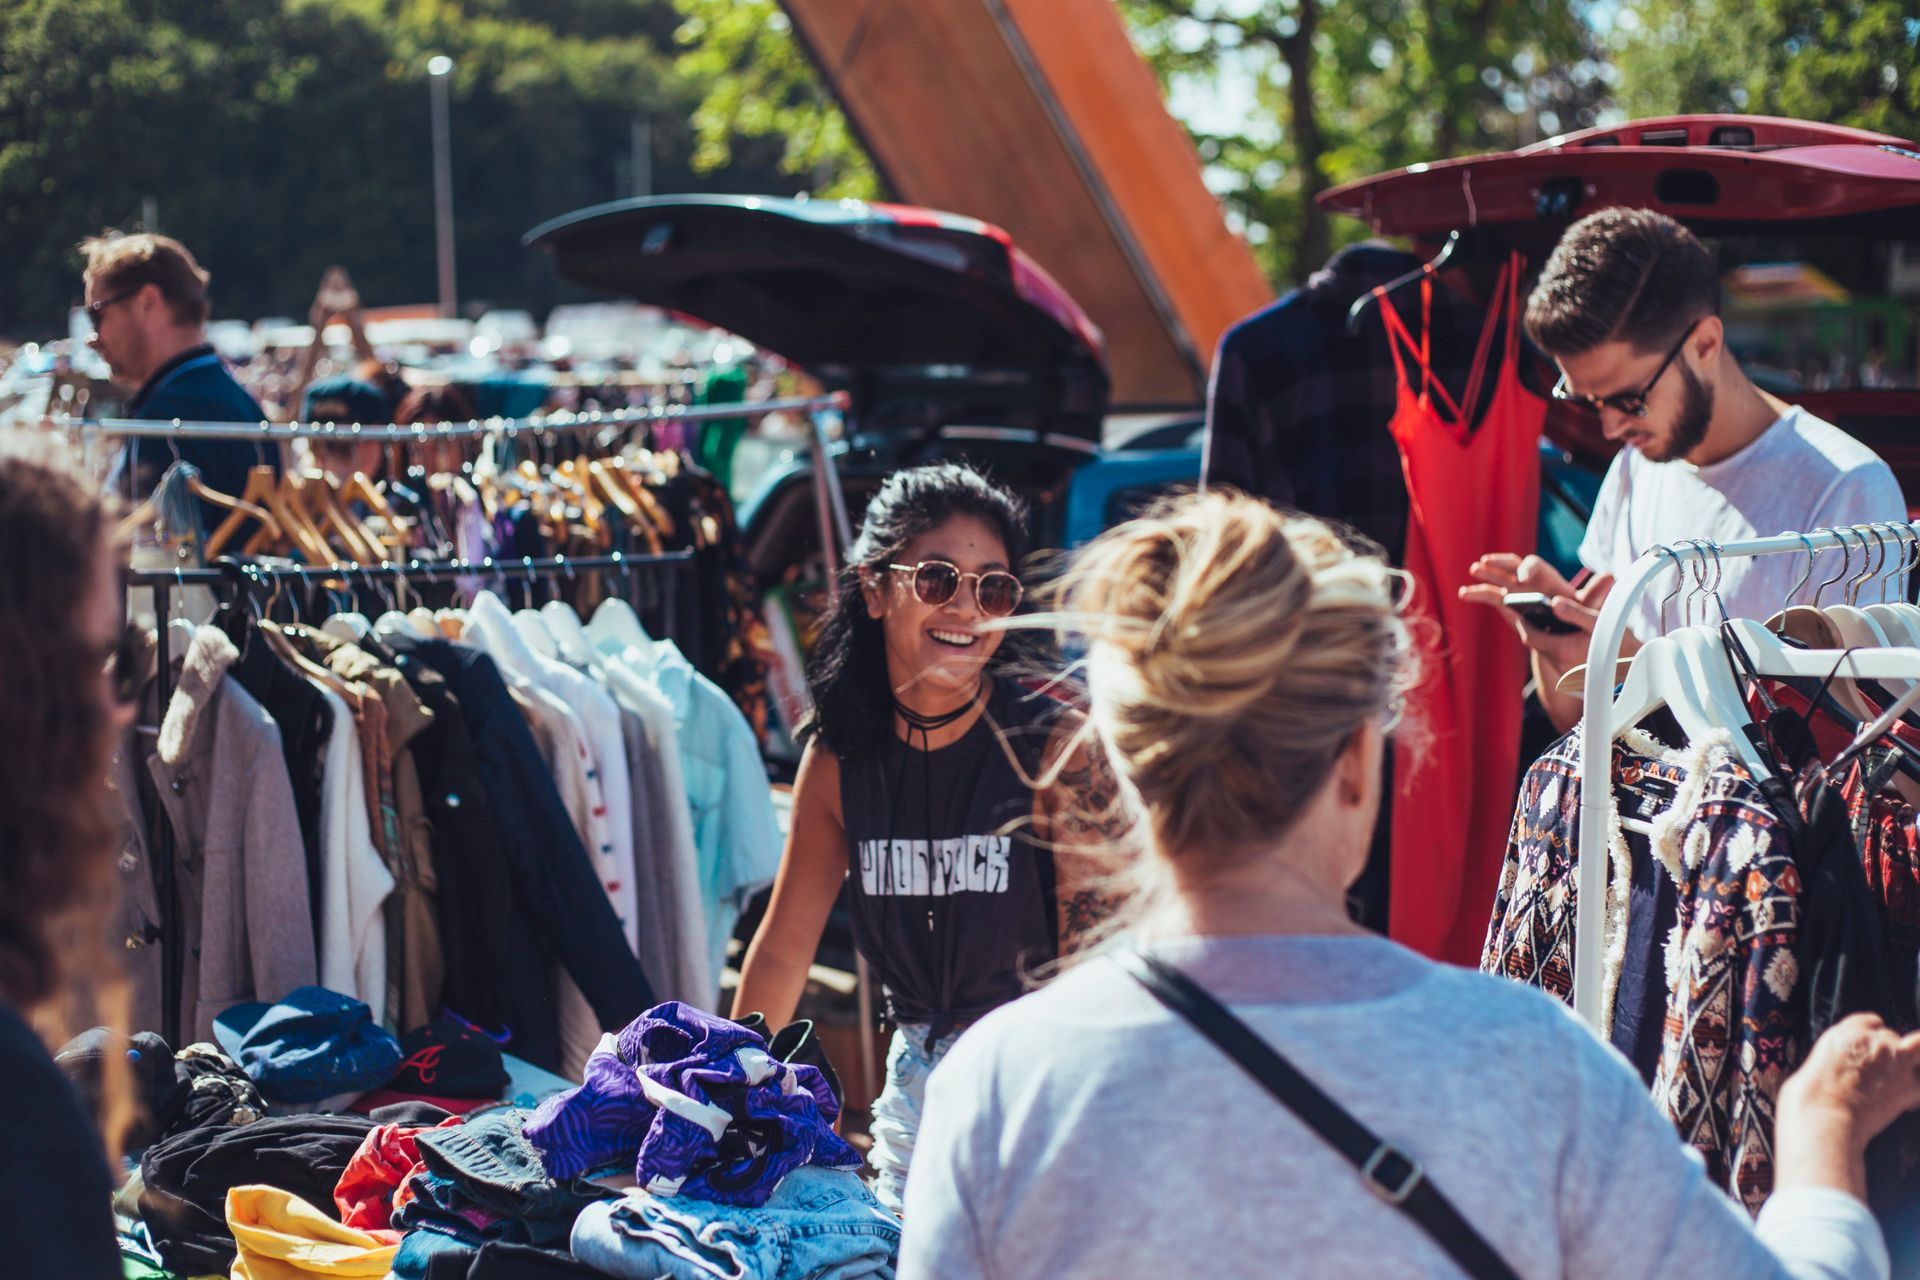 People shopping in an outdoors flea market.